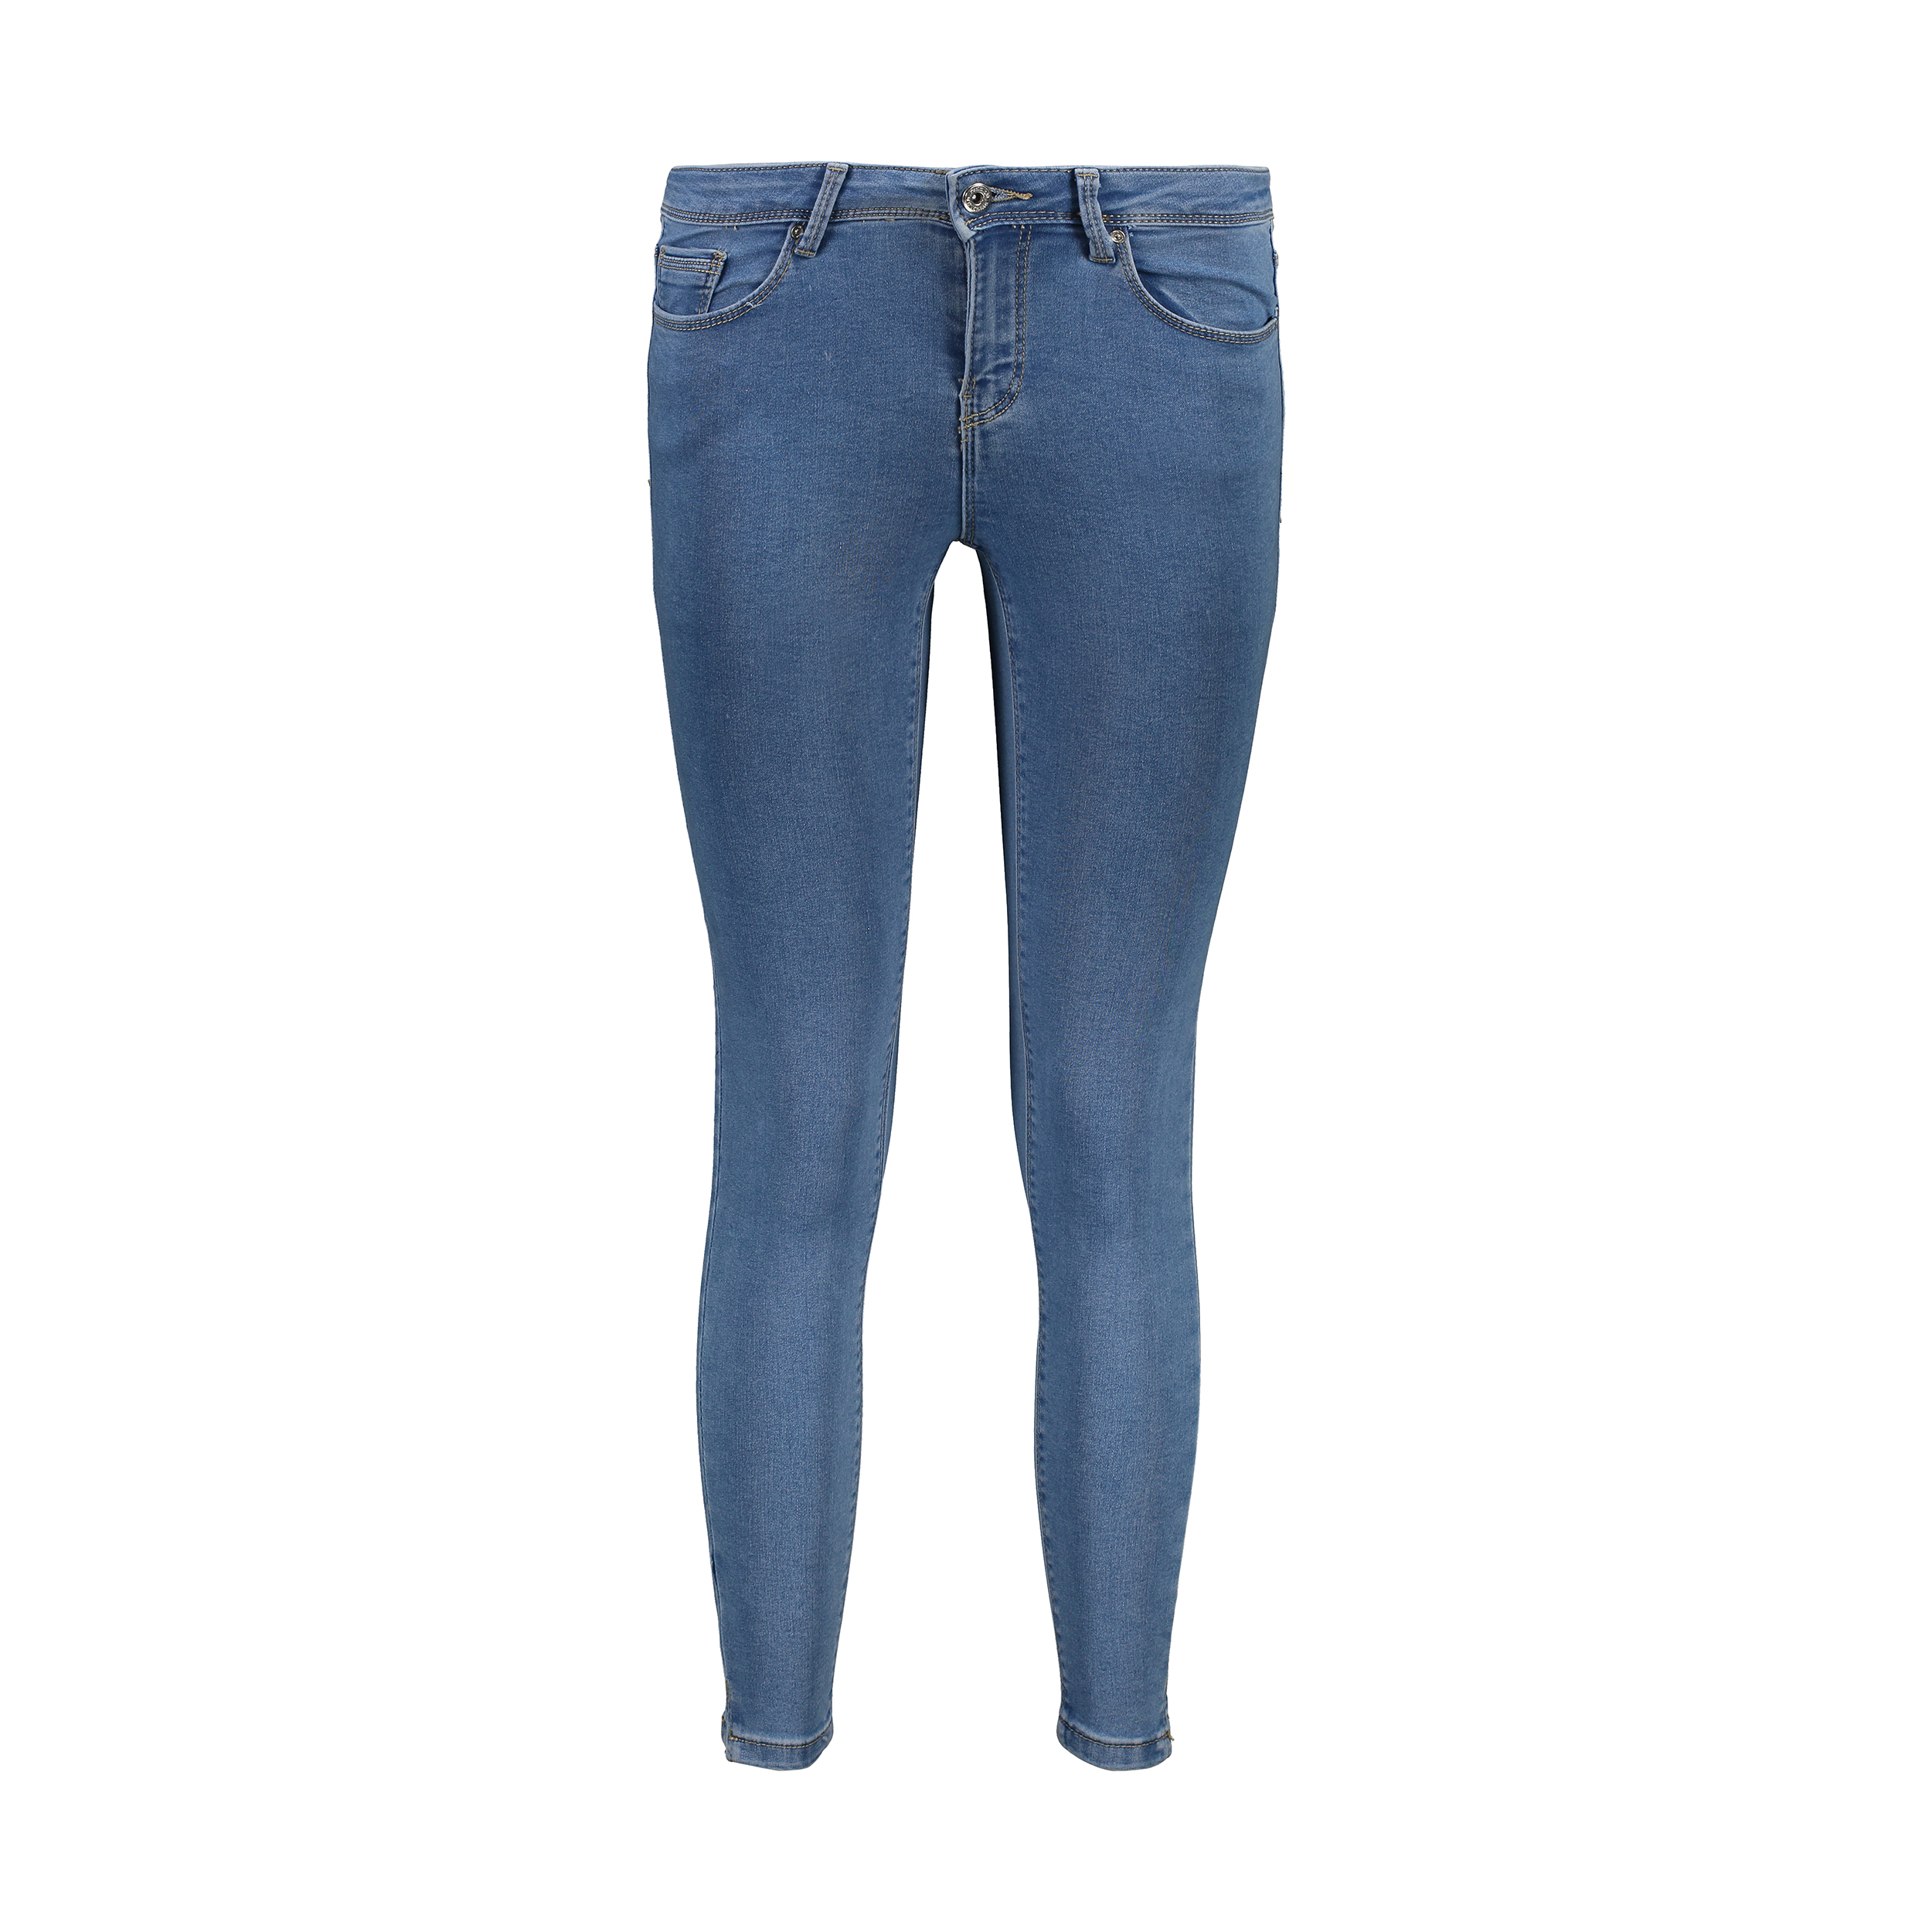 شلوار جین زنانه اسپرینگ فیلد مدل 6843344-BLUES